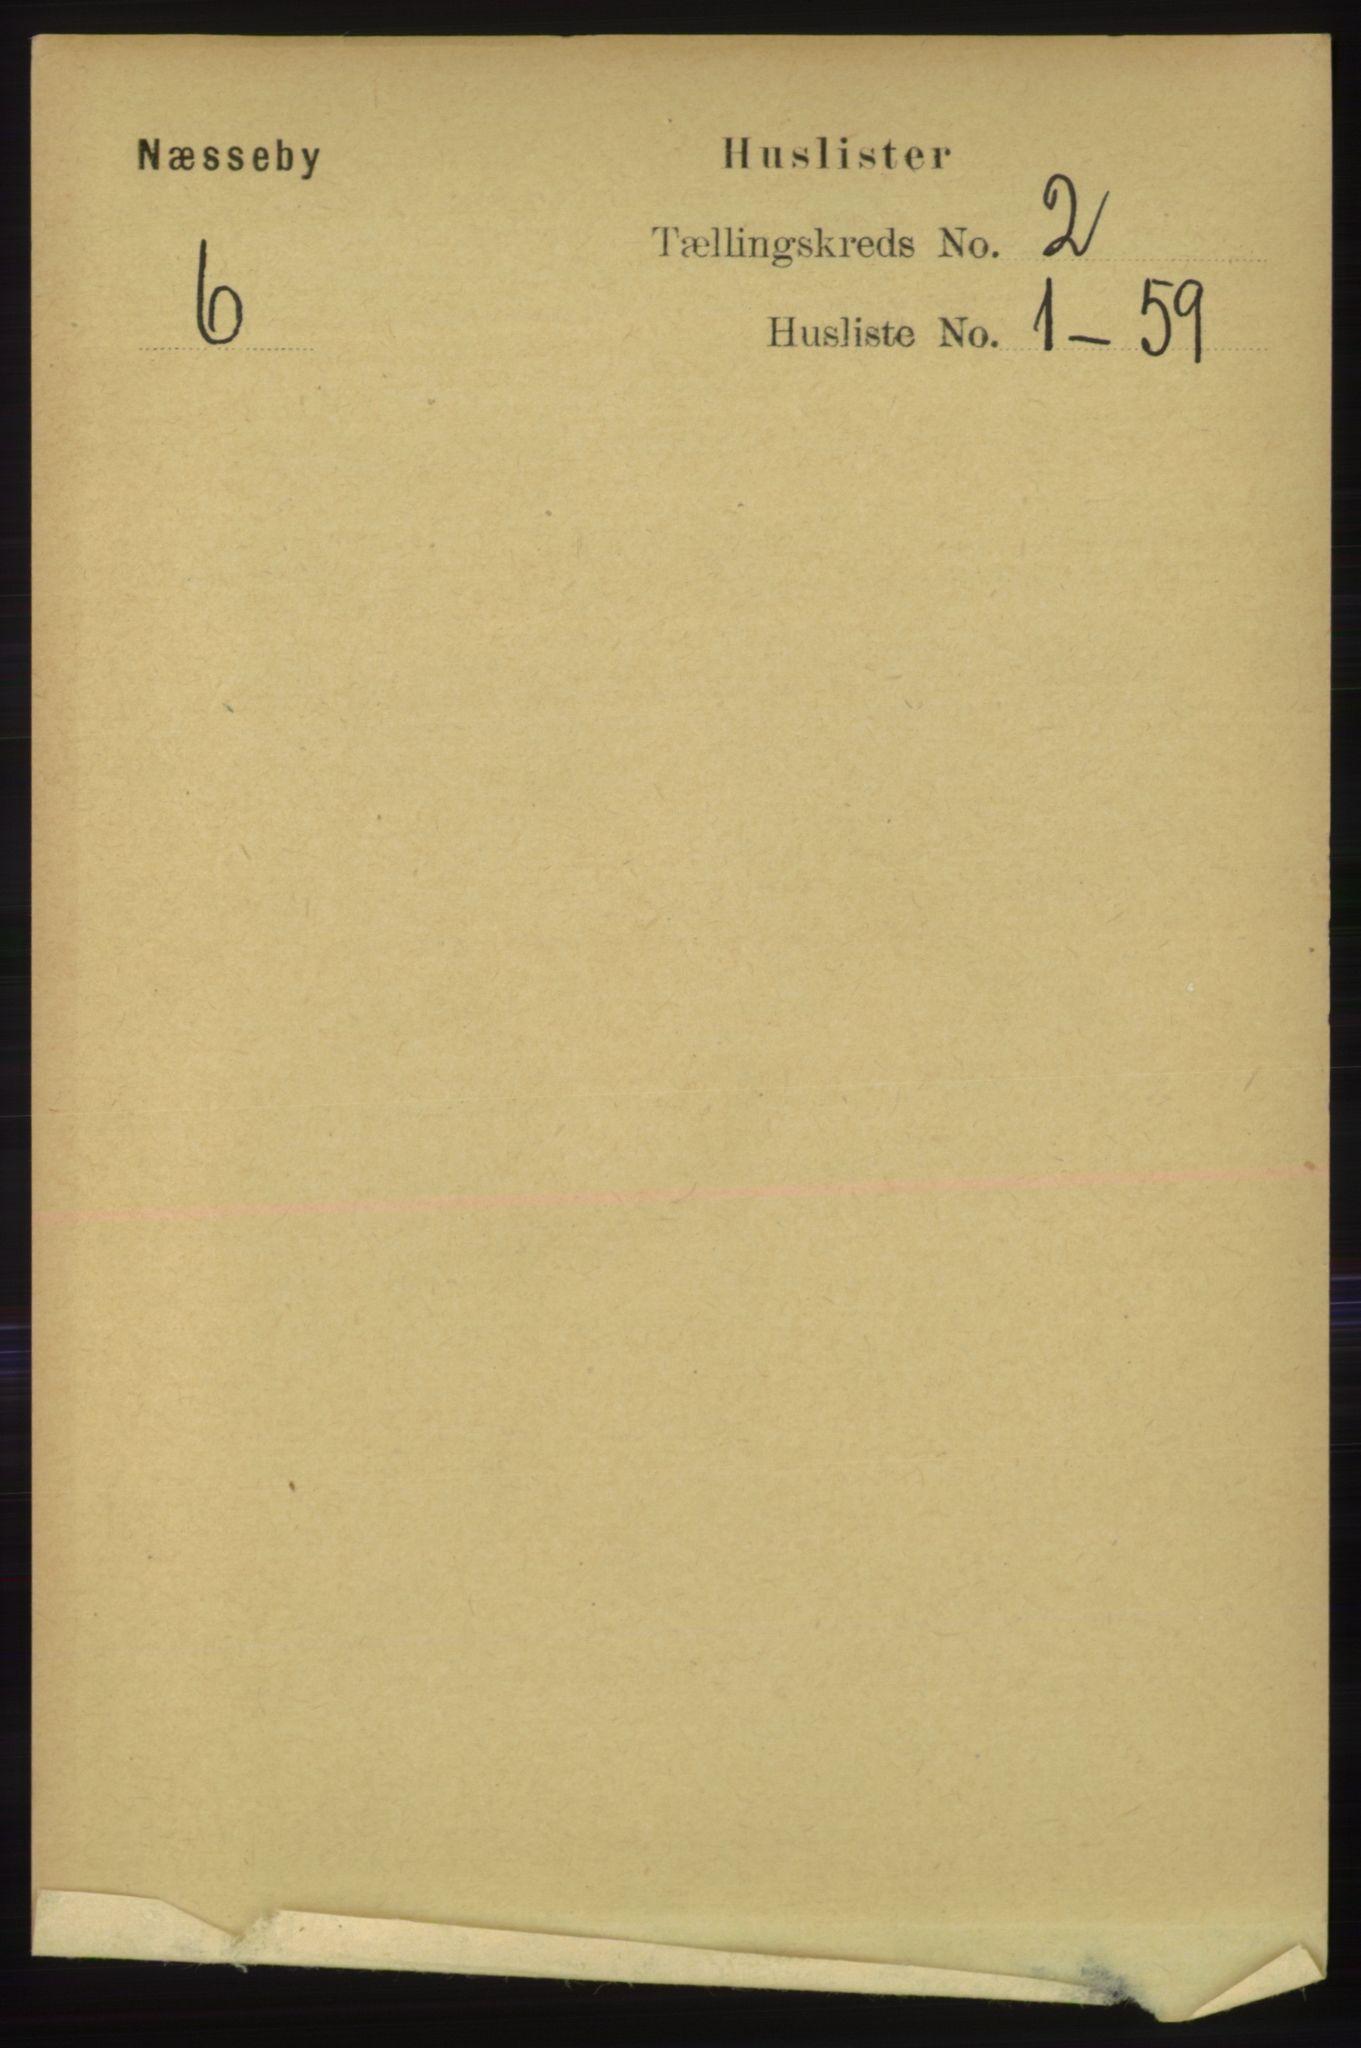 RA, Folketelling 1891 for 2027 Nesseby herred, 1891, s. 573